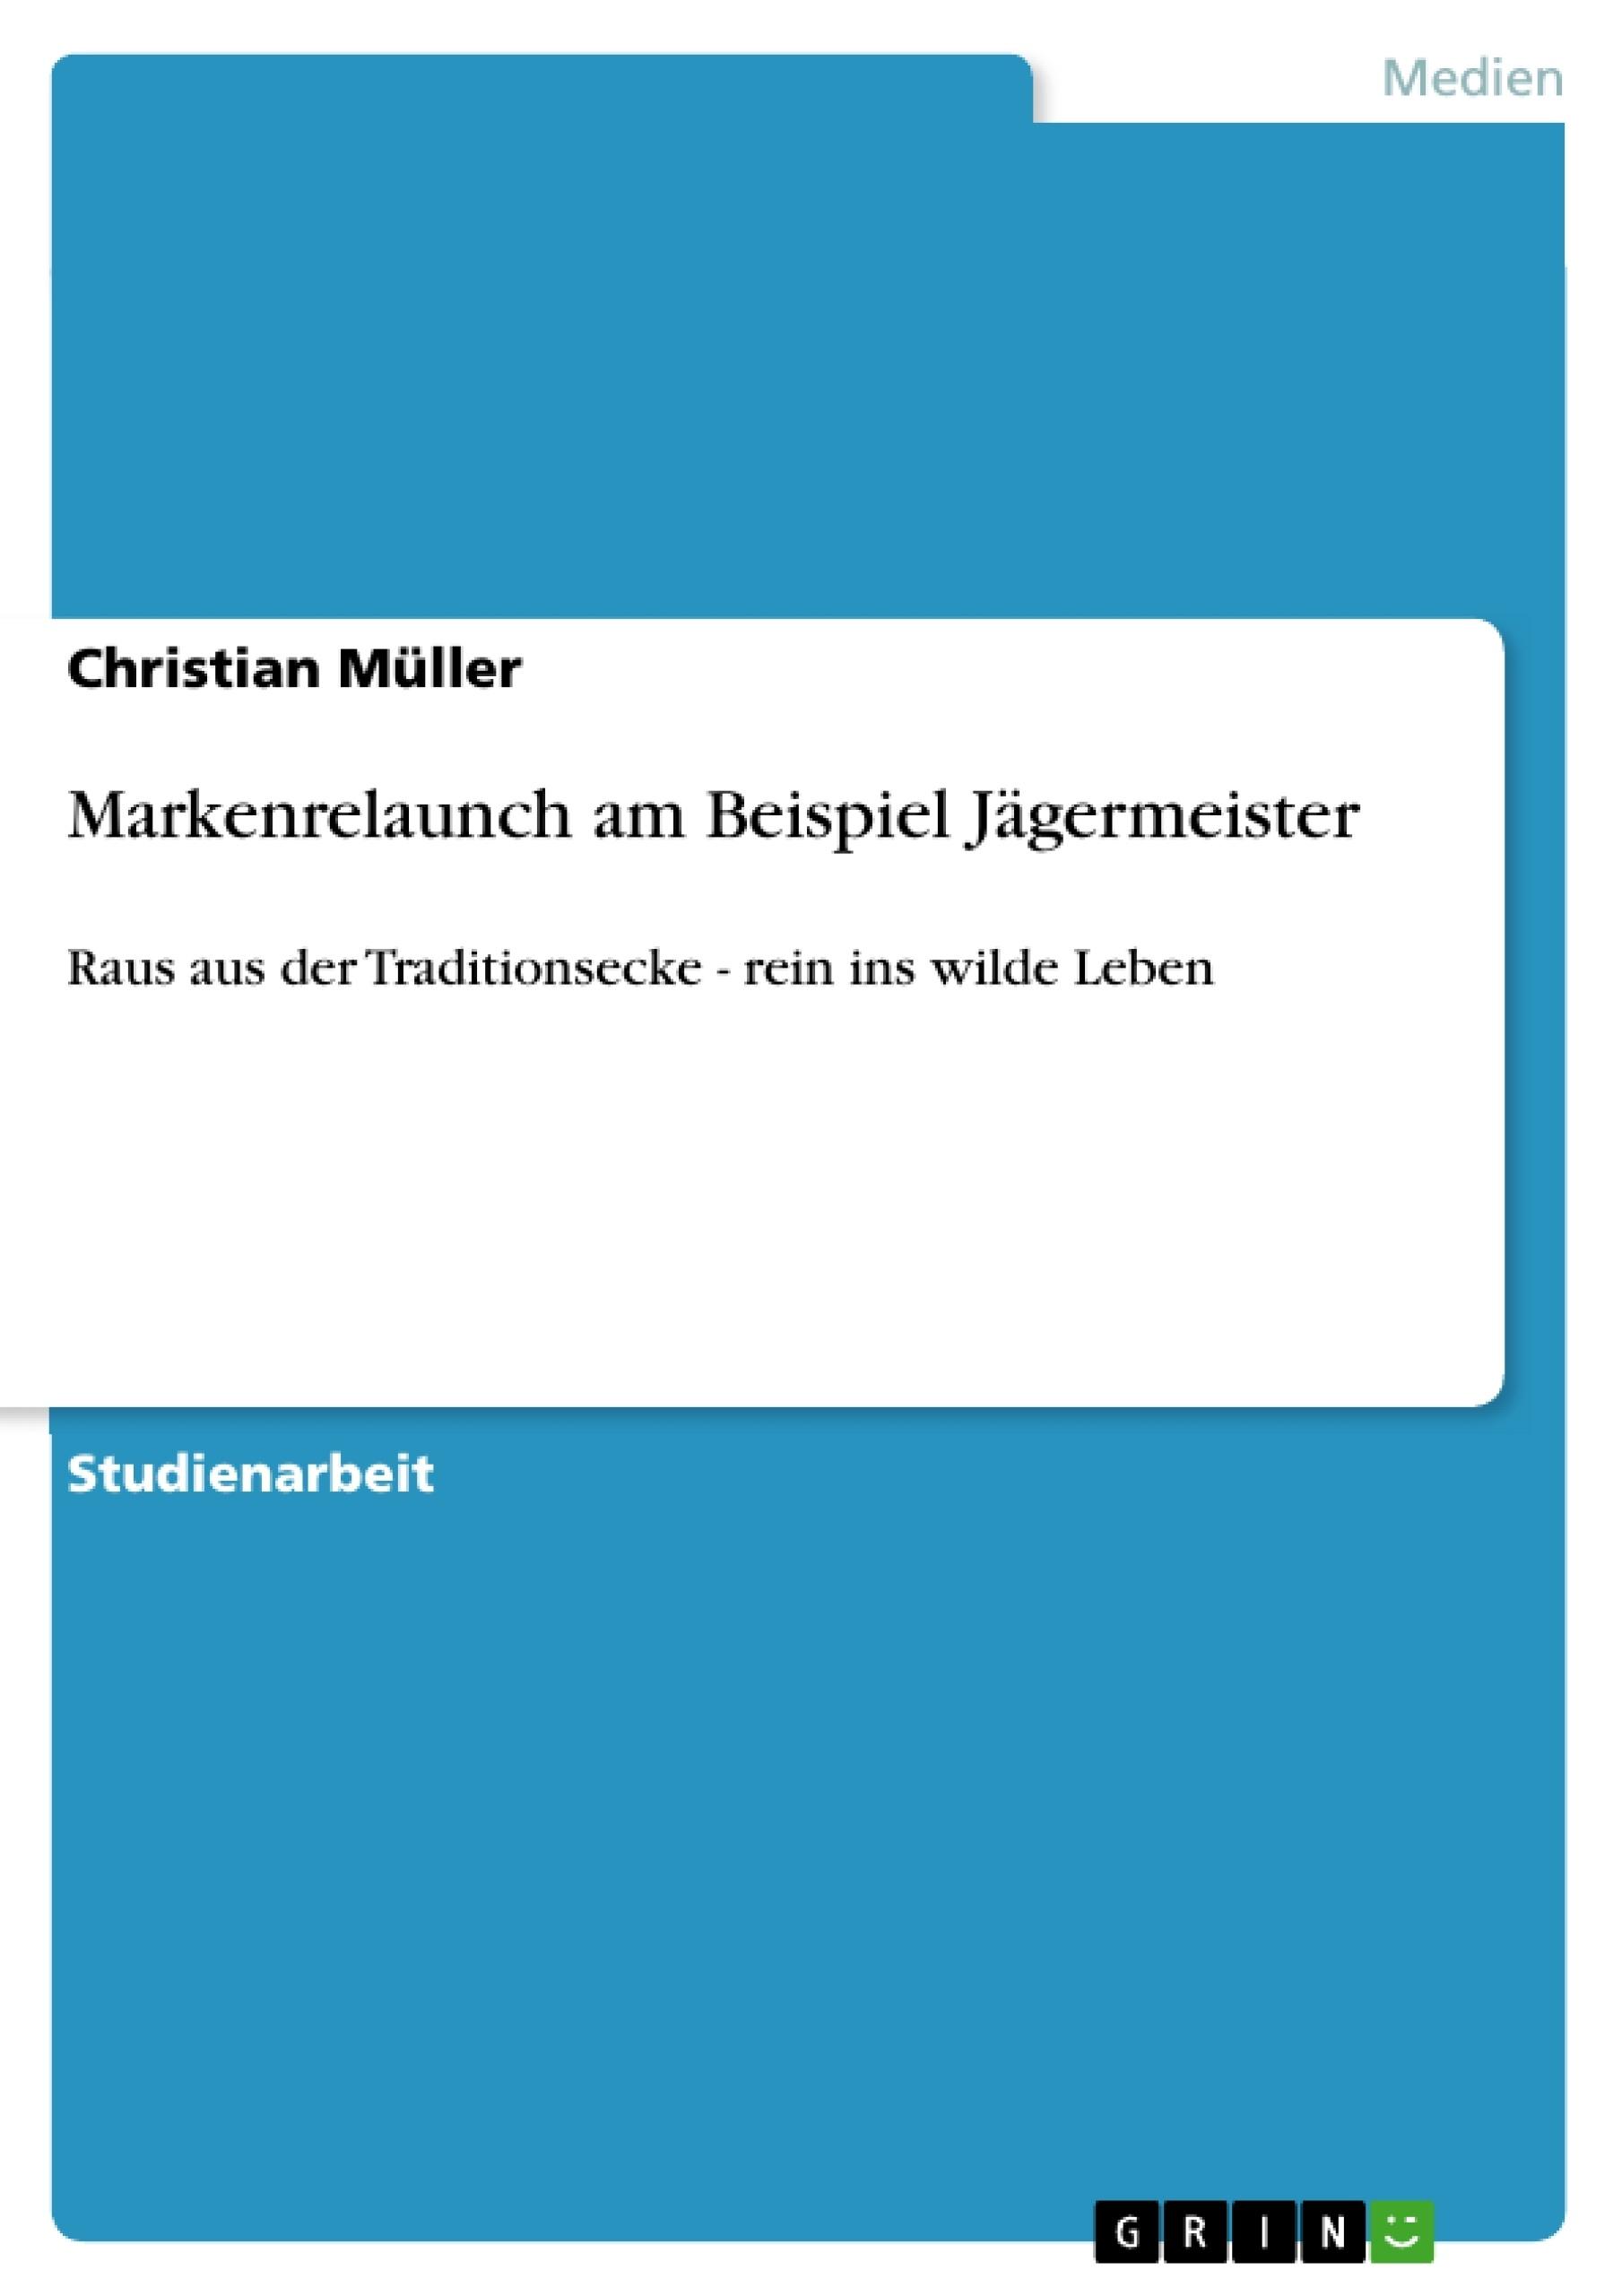 Titel: Markenrelaunch am Beispiel Jägermeister